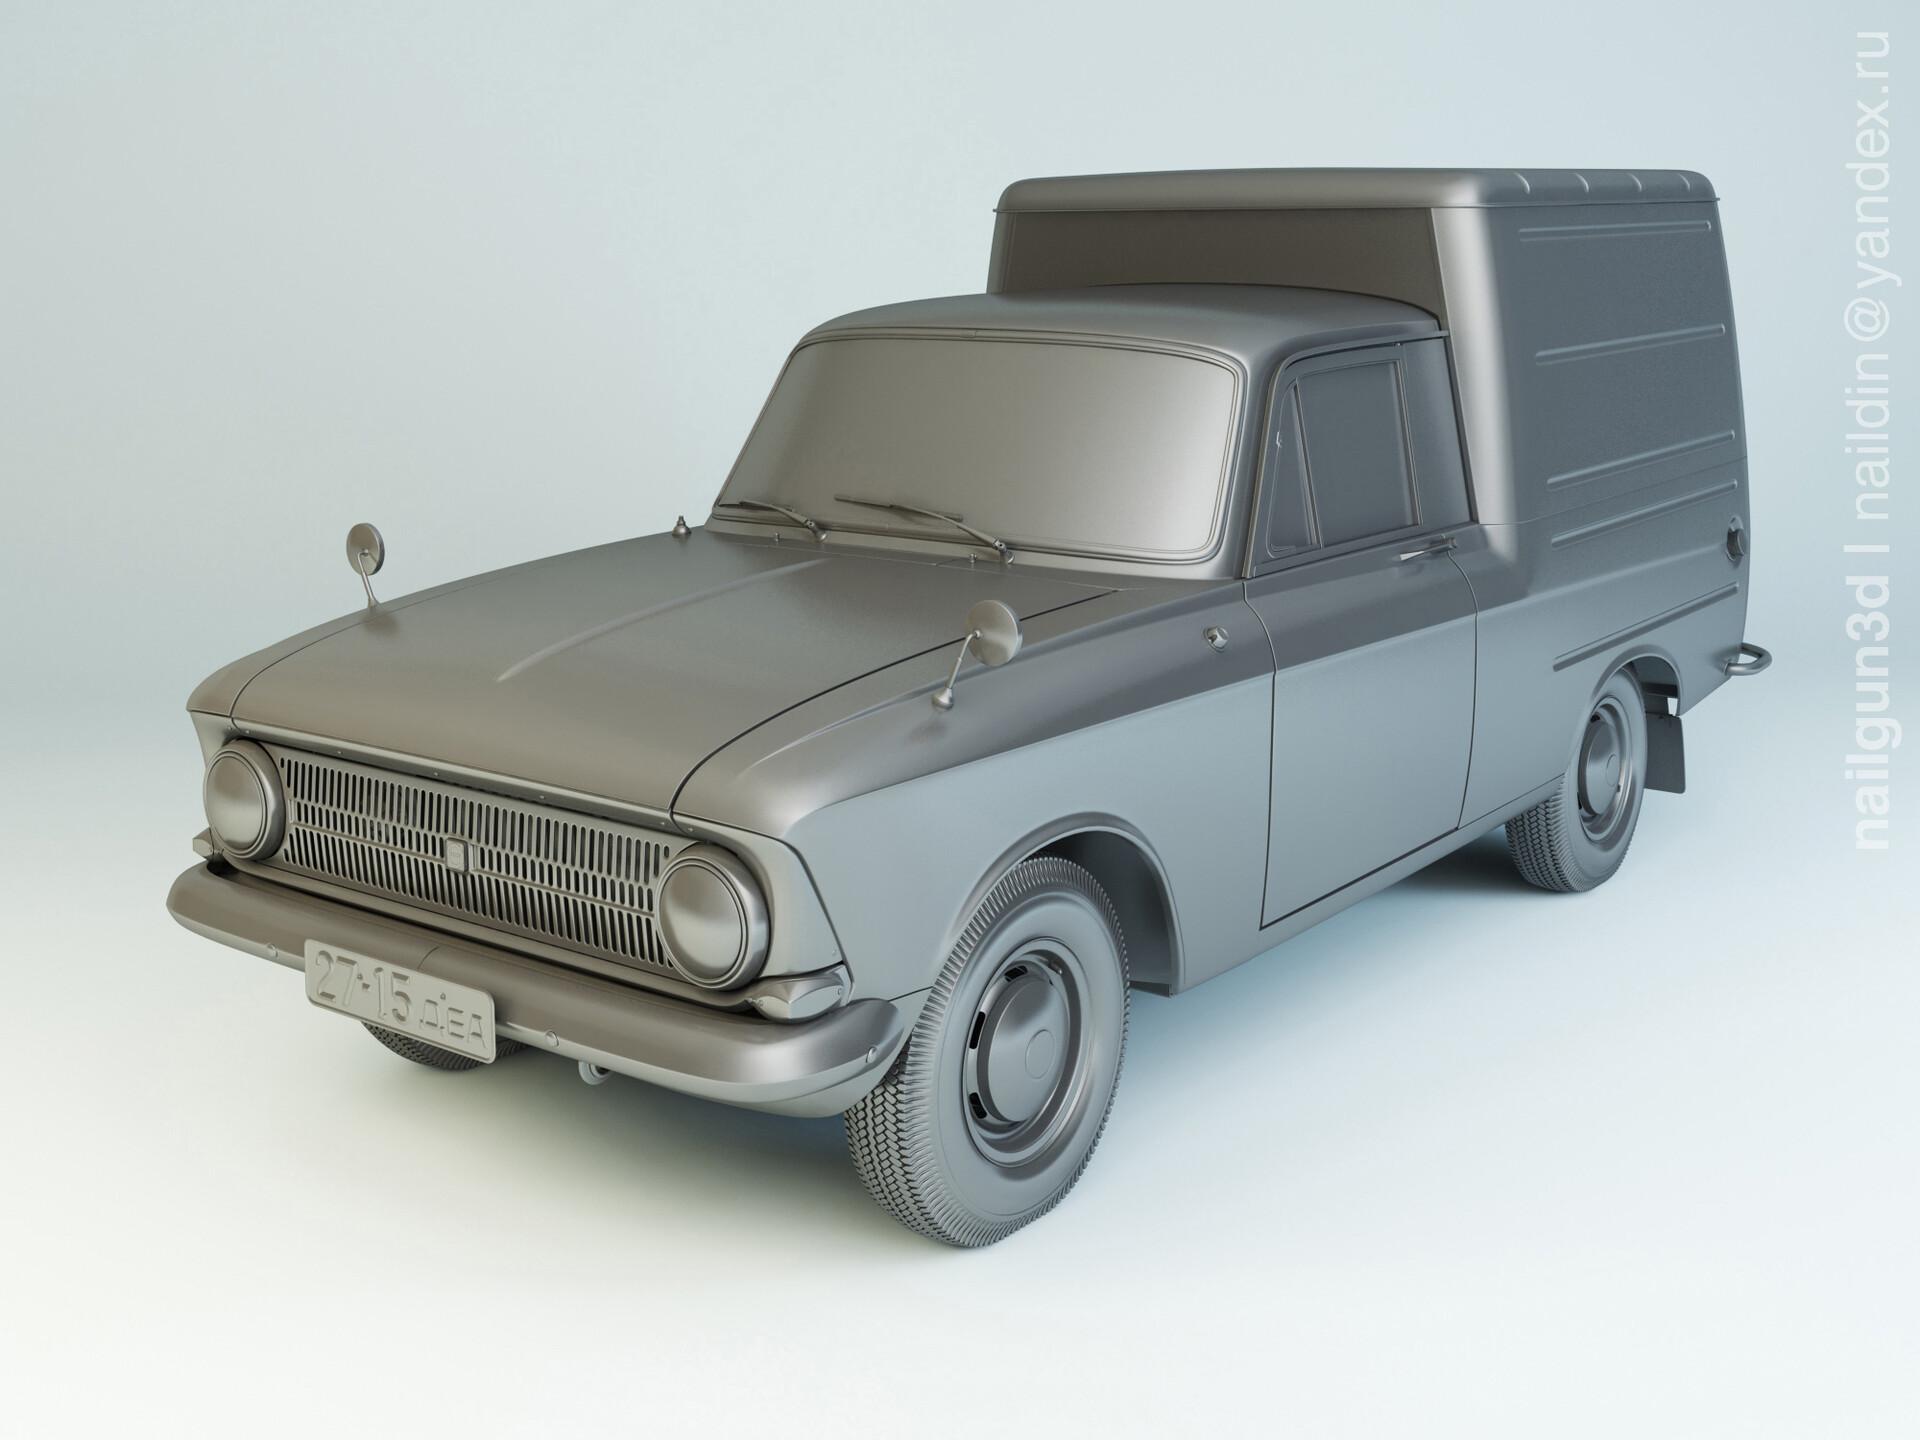 Nail khusnutdinov als 252 000 izh 2715 modelling 0